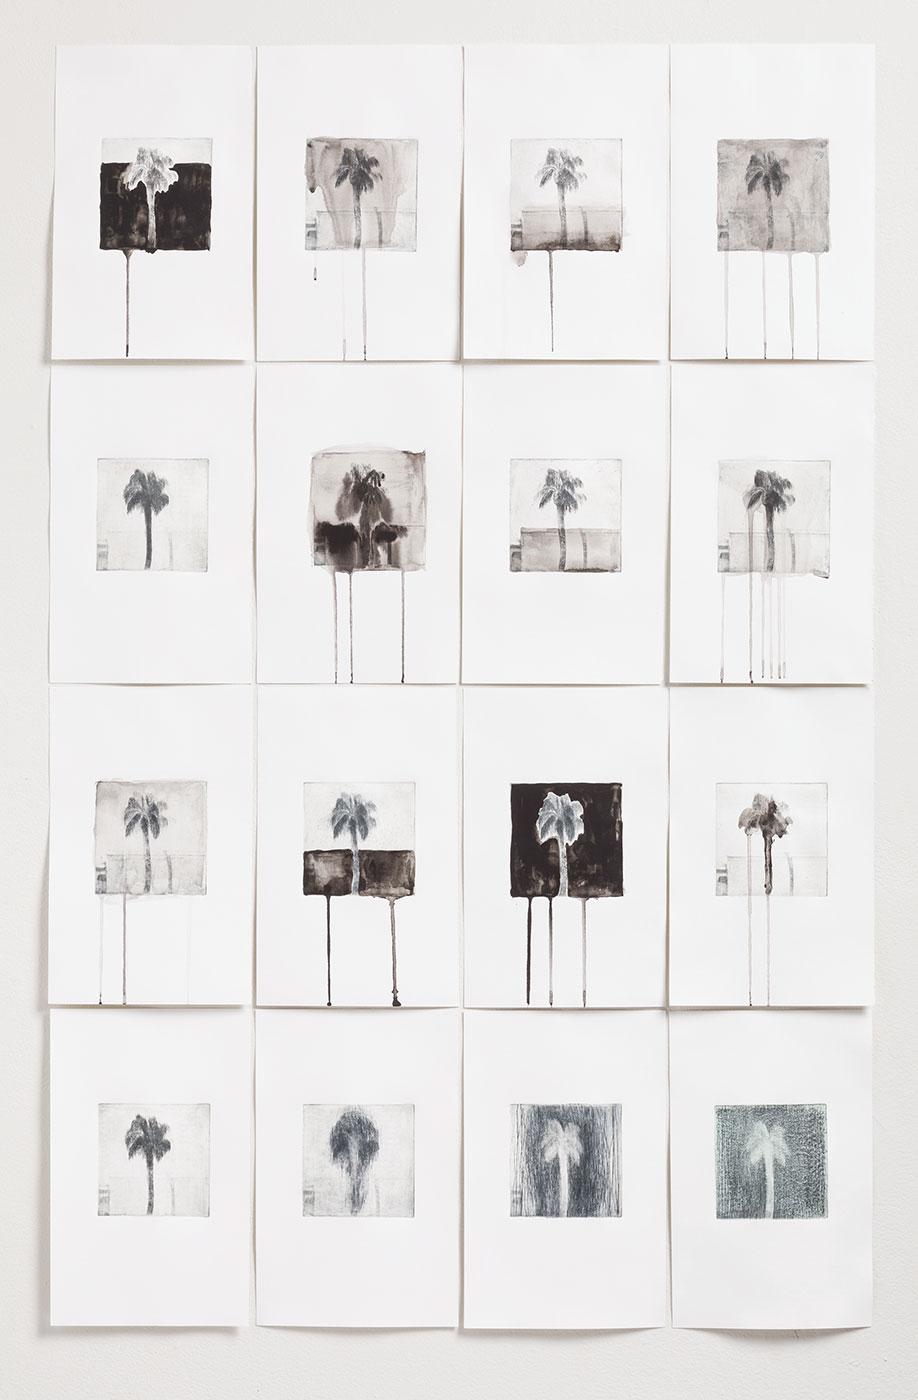 Yuna Kim - 16 Palm Trees